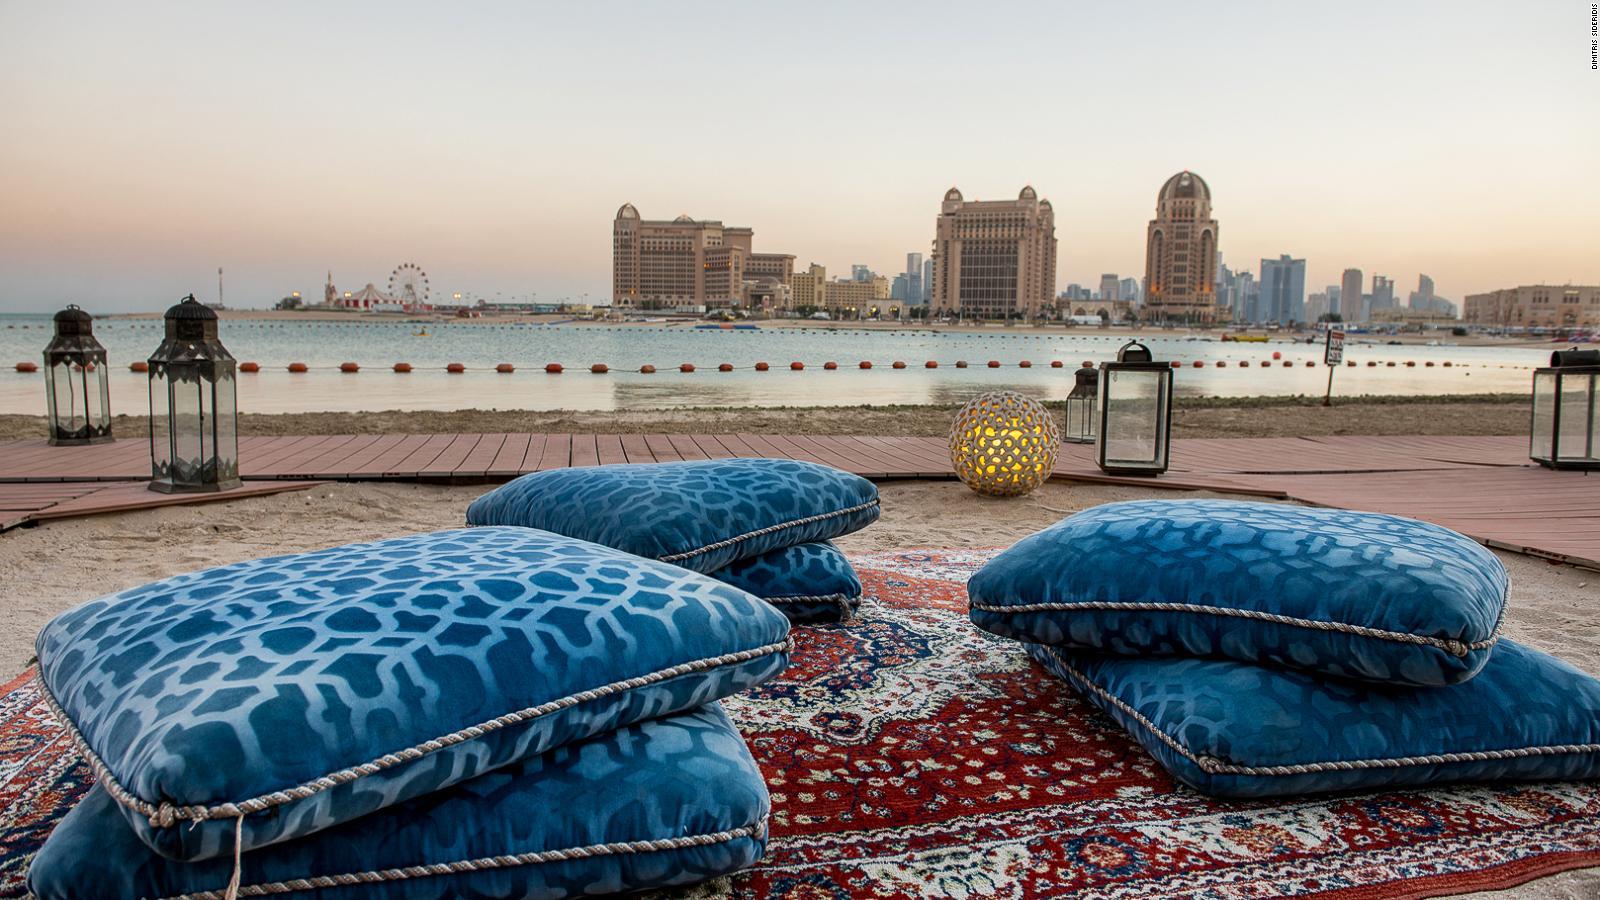 Katara: The center of Qatar's creative scene   CNN Travel